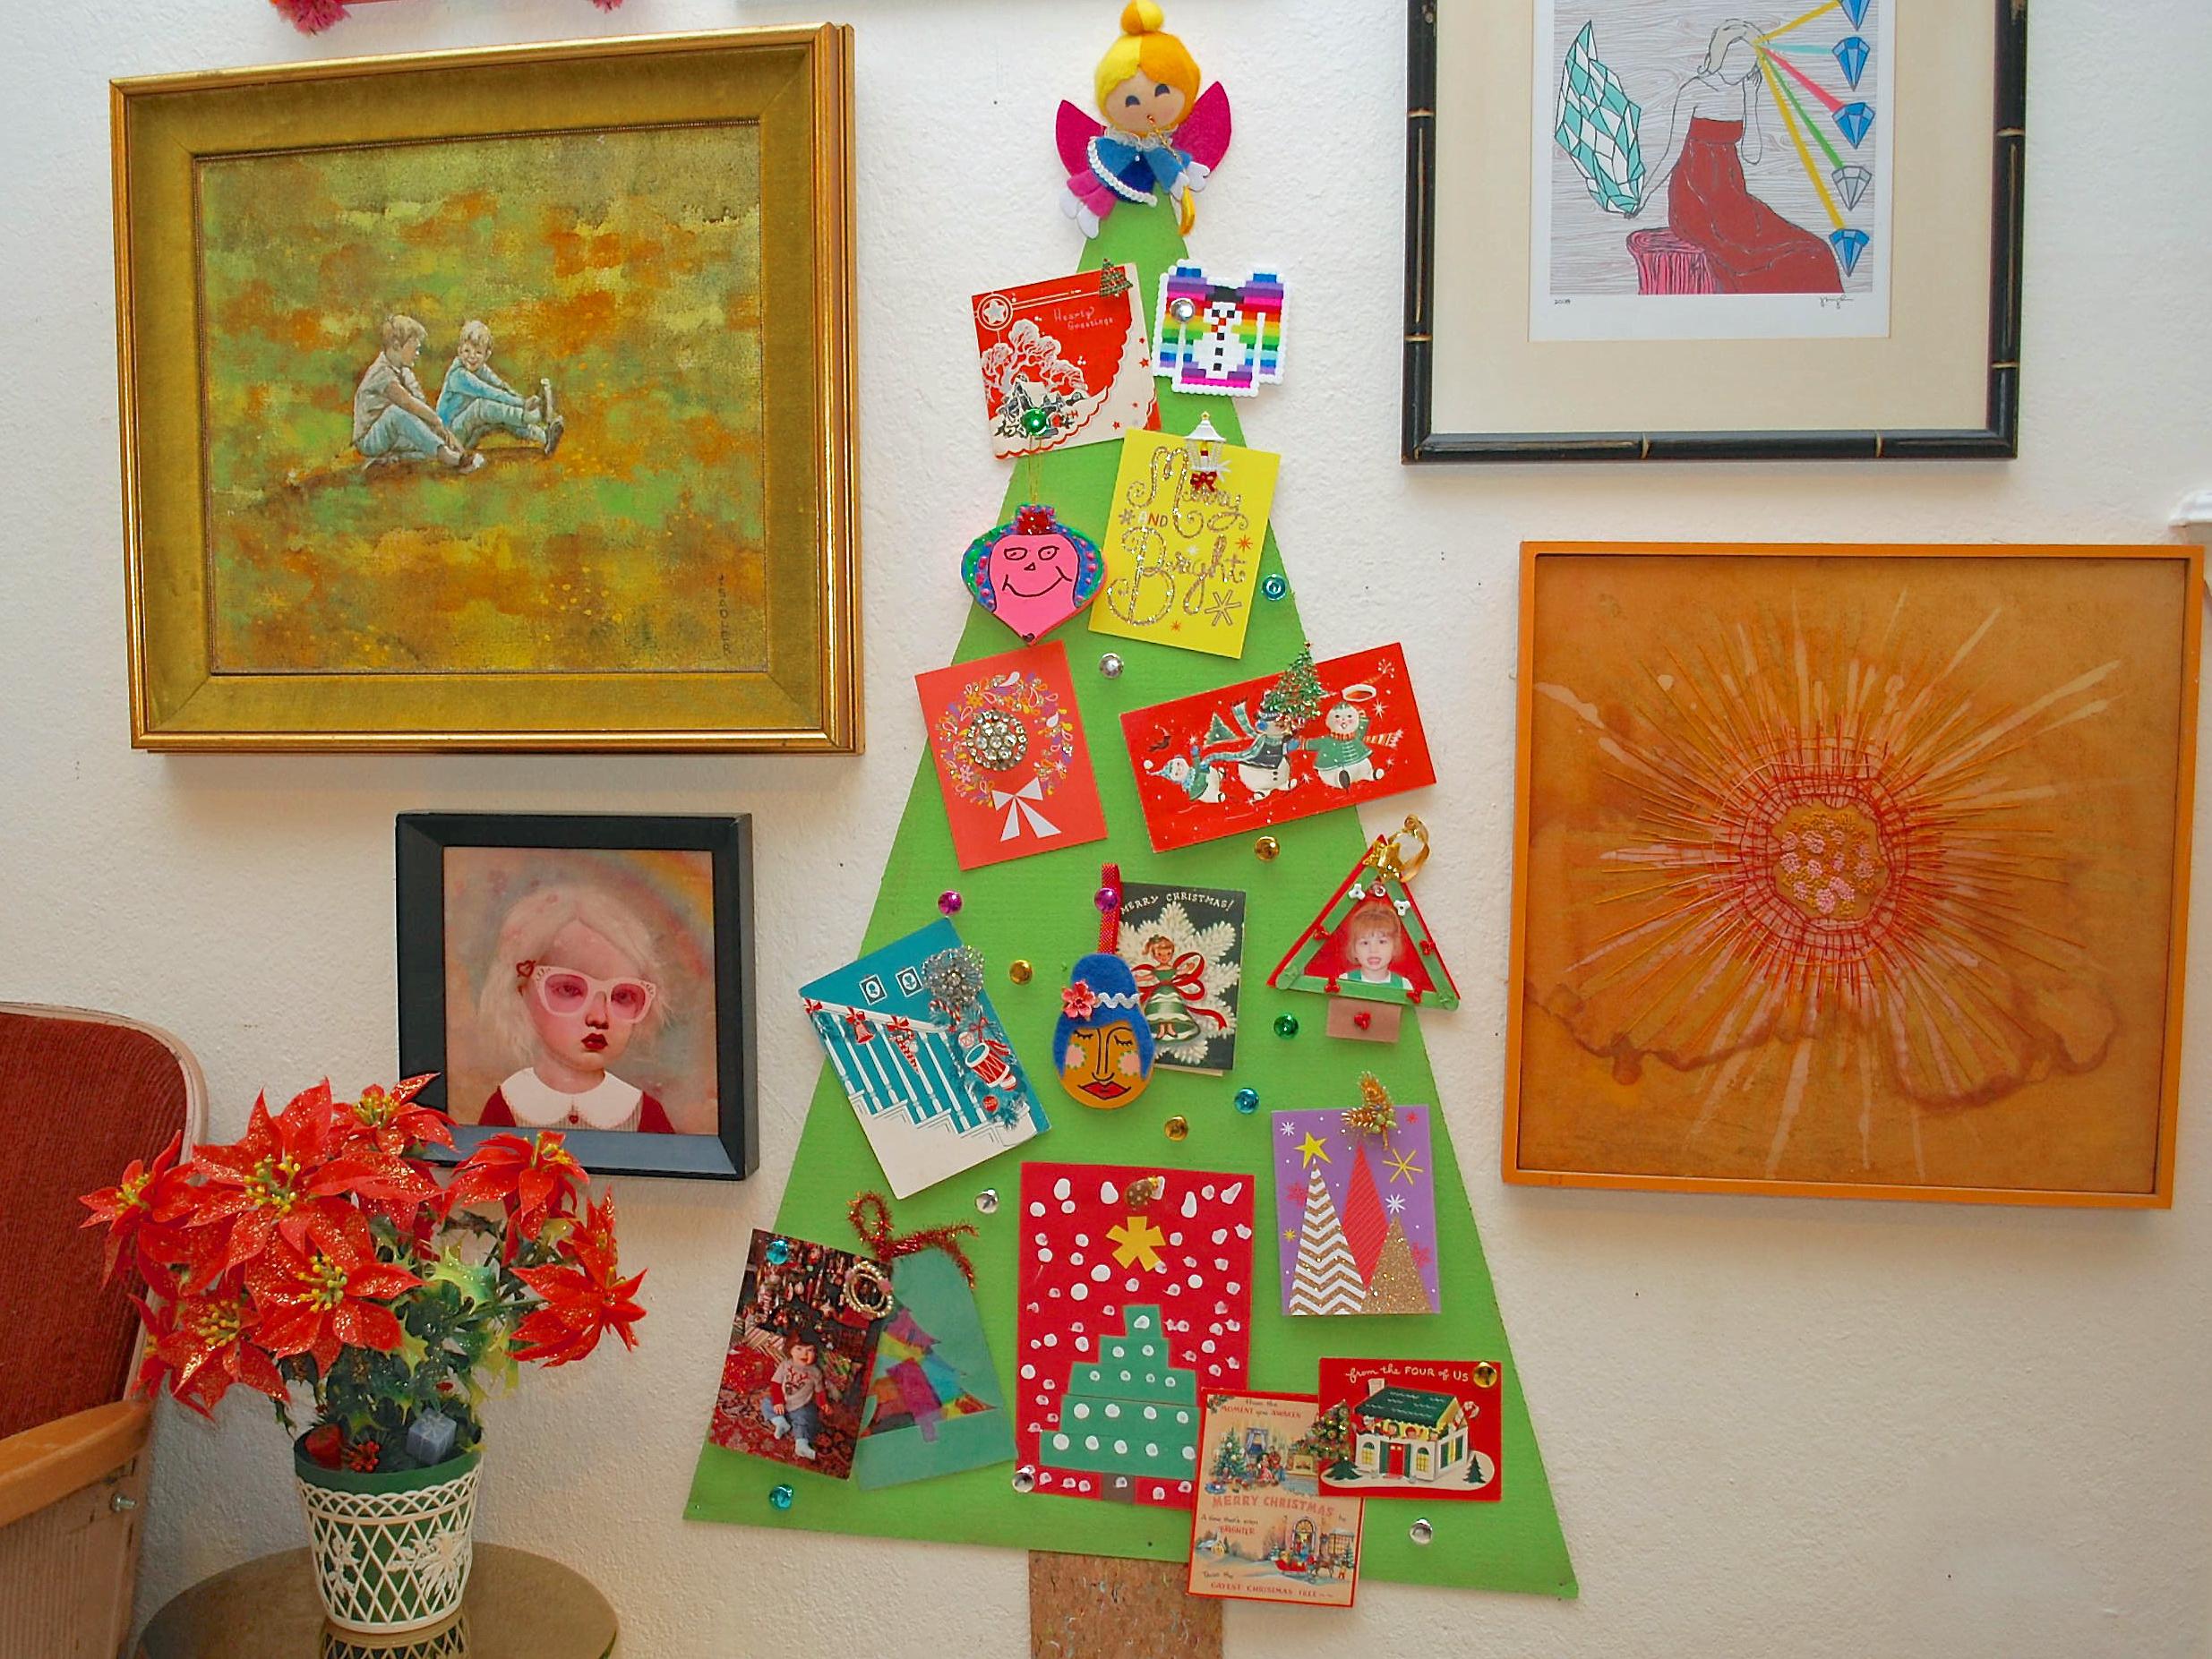 Развивающая игрушка-елка для детей, сделанная своими руками